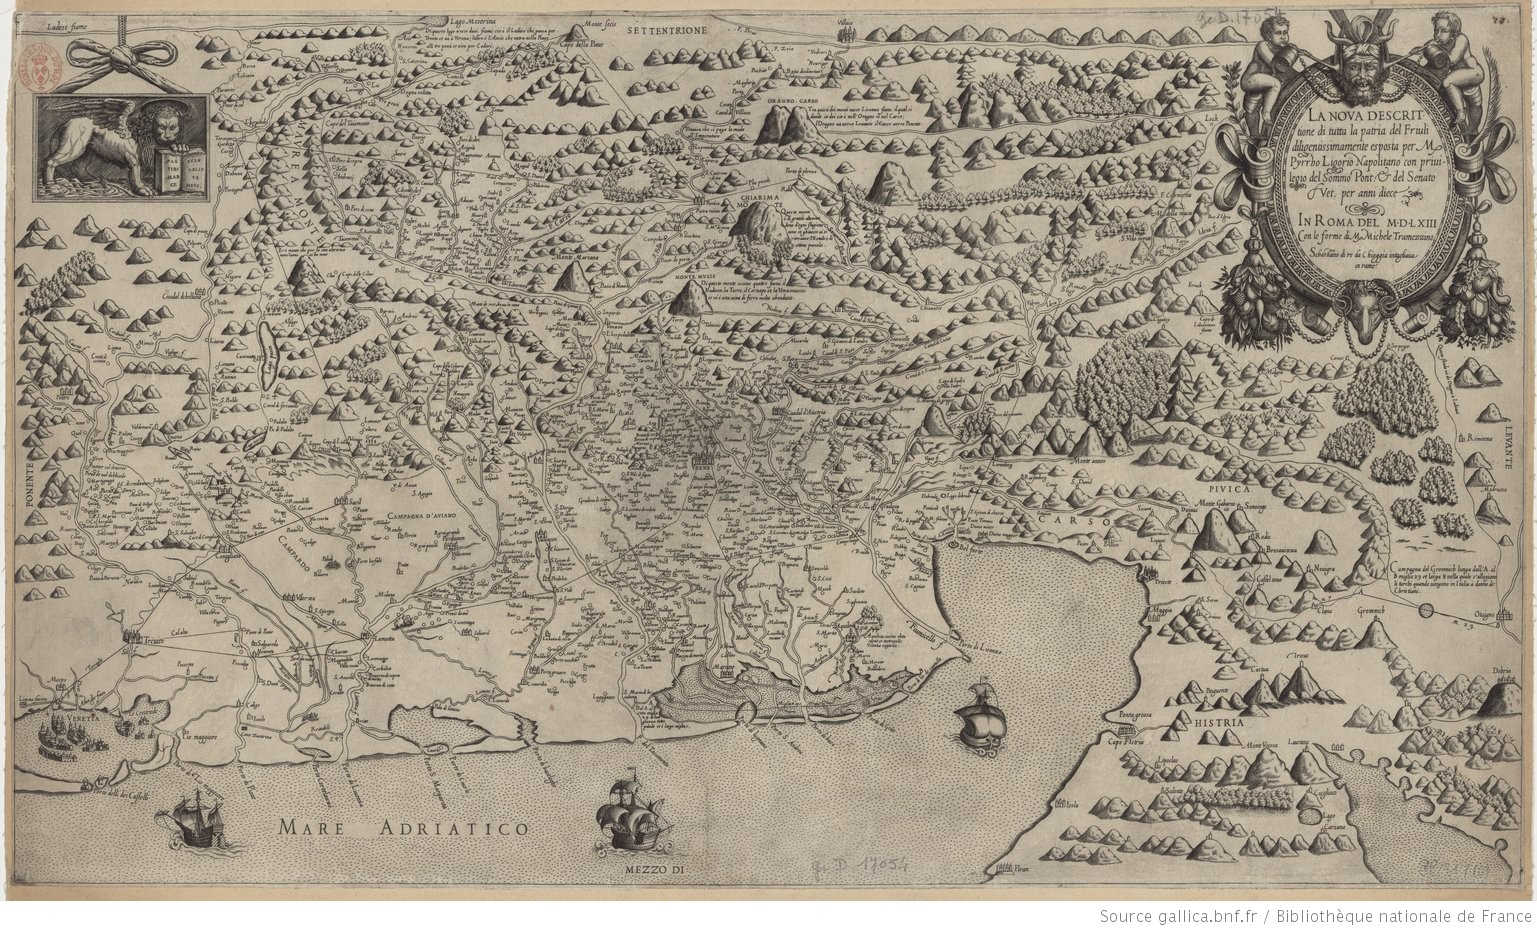 La nova descrittione di tutta la patria del Friuli diligentissimamente esposta per M. Pyrrho Ligorio Napolitano